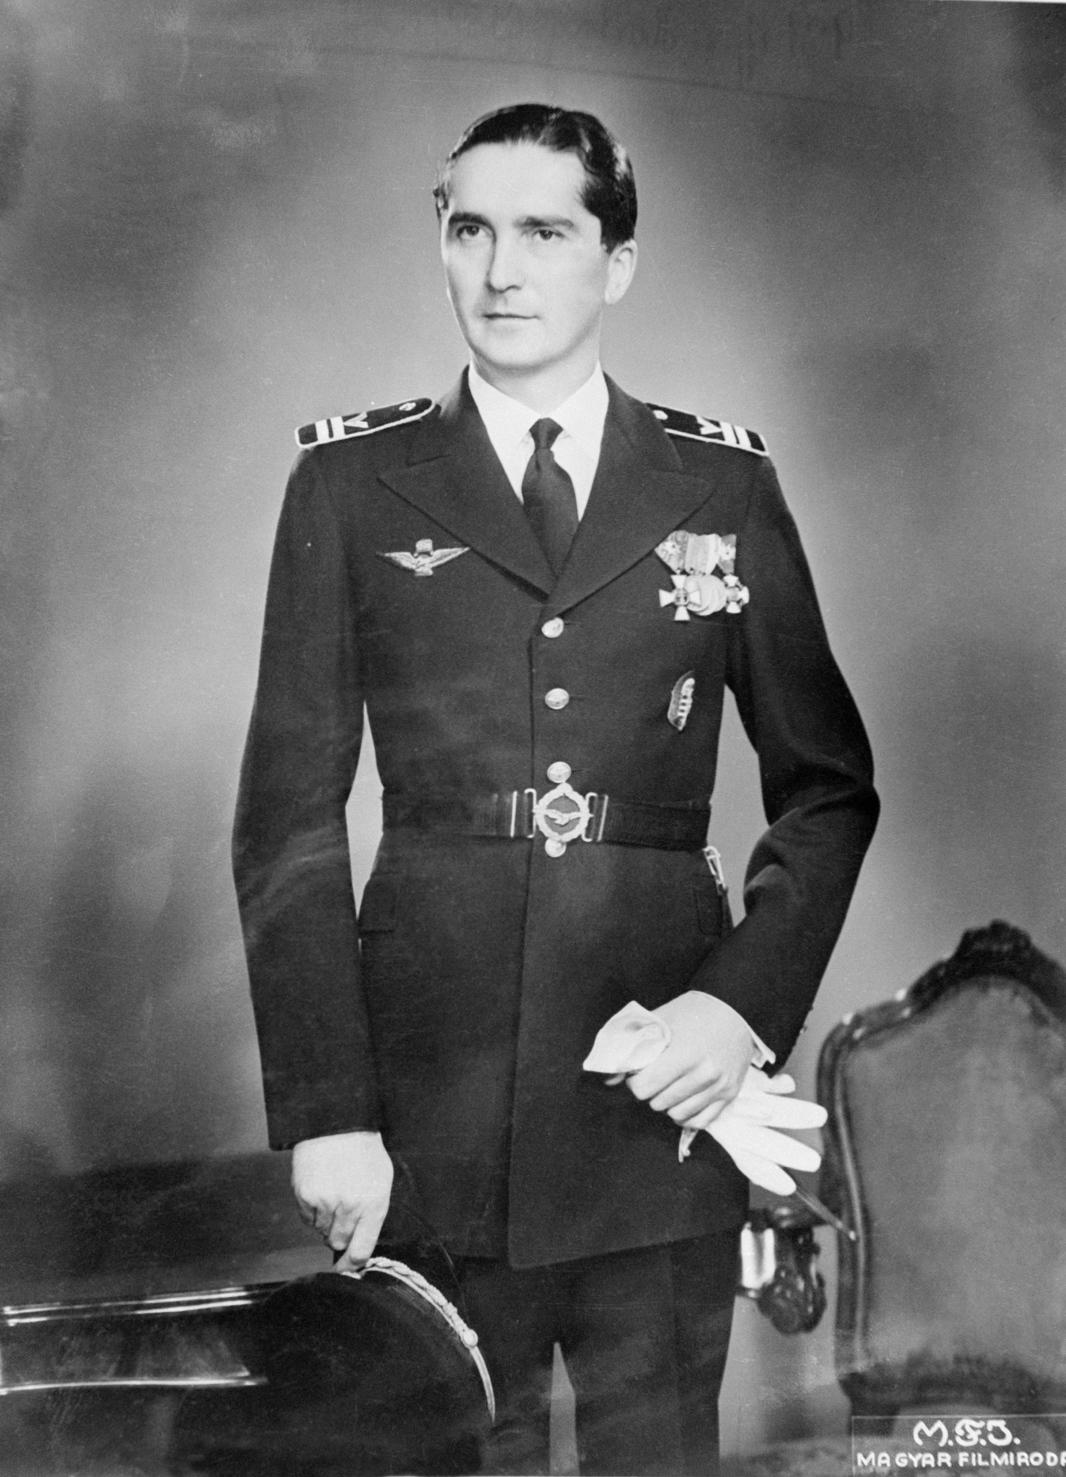 Budapest, 1930-as évek. Horthy István kormányzó-helyettes, repülő főhadnagy egyenruhában. A felvétel készítésének pontos dátuma ismeretlen. MTI Fotó: Reprodukció